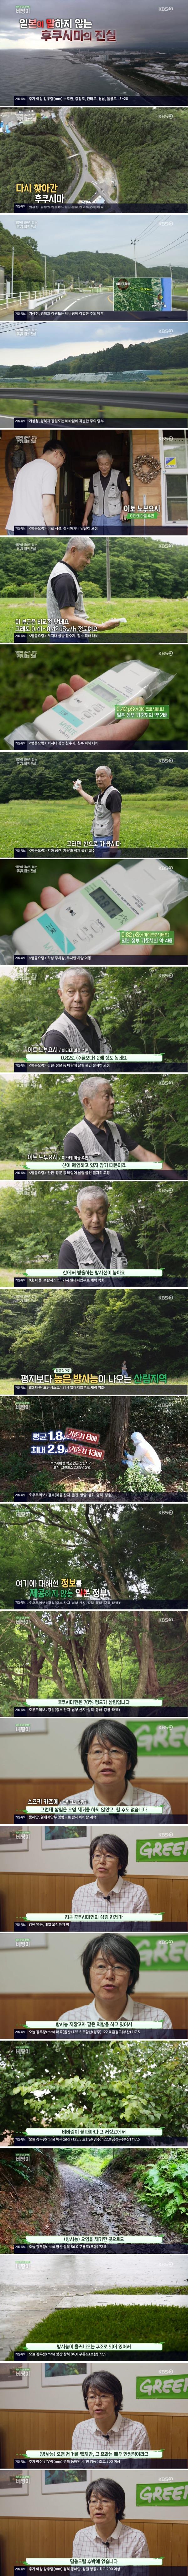 일본이 말하지 않는 후쿠시마의 진실 (kbs 베짱이)